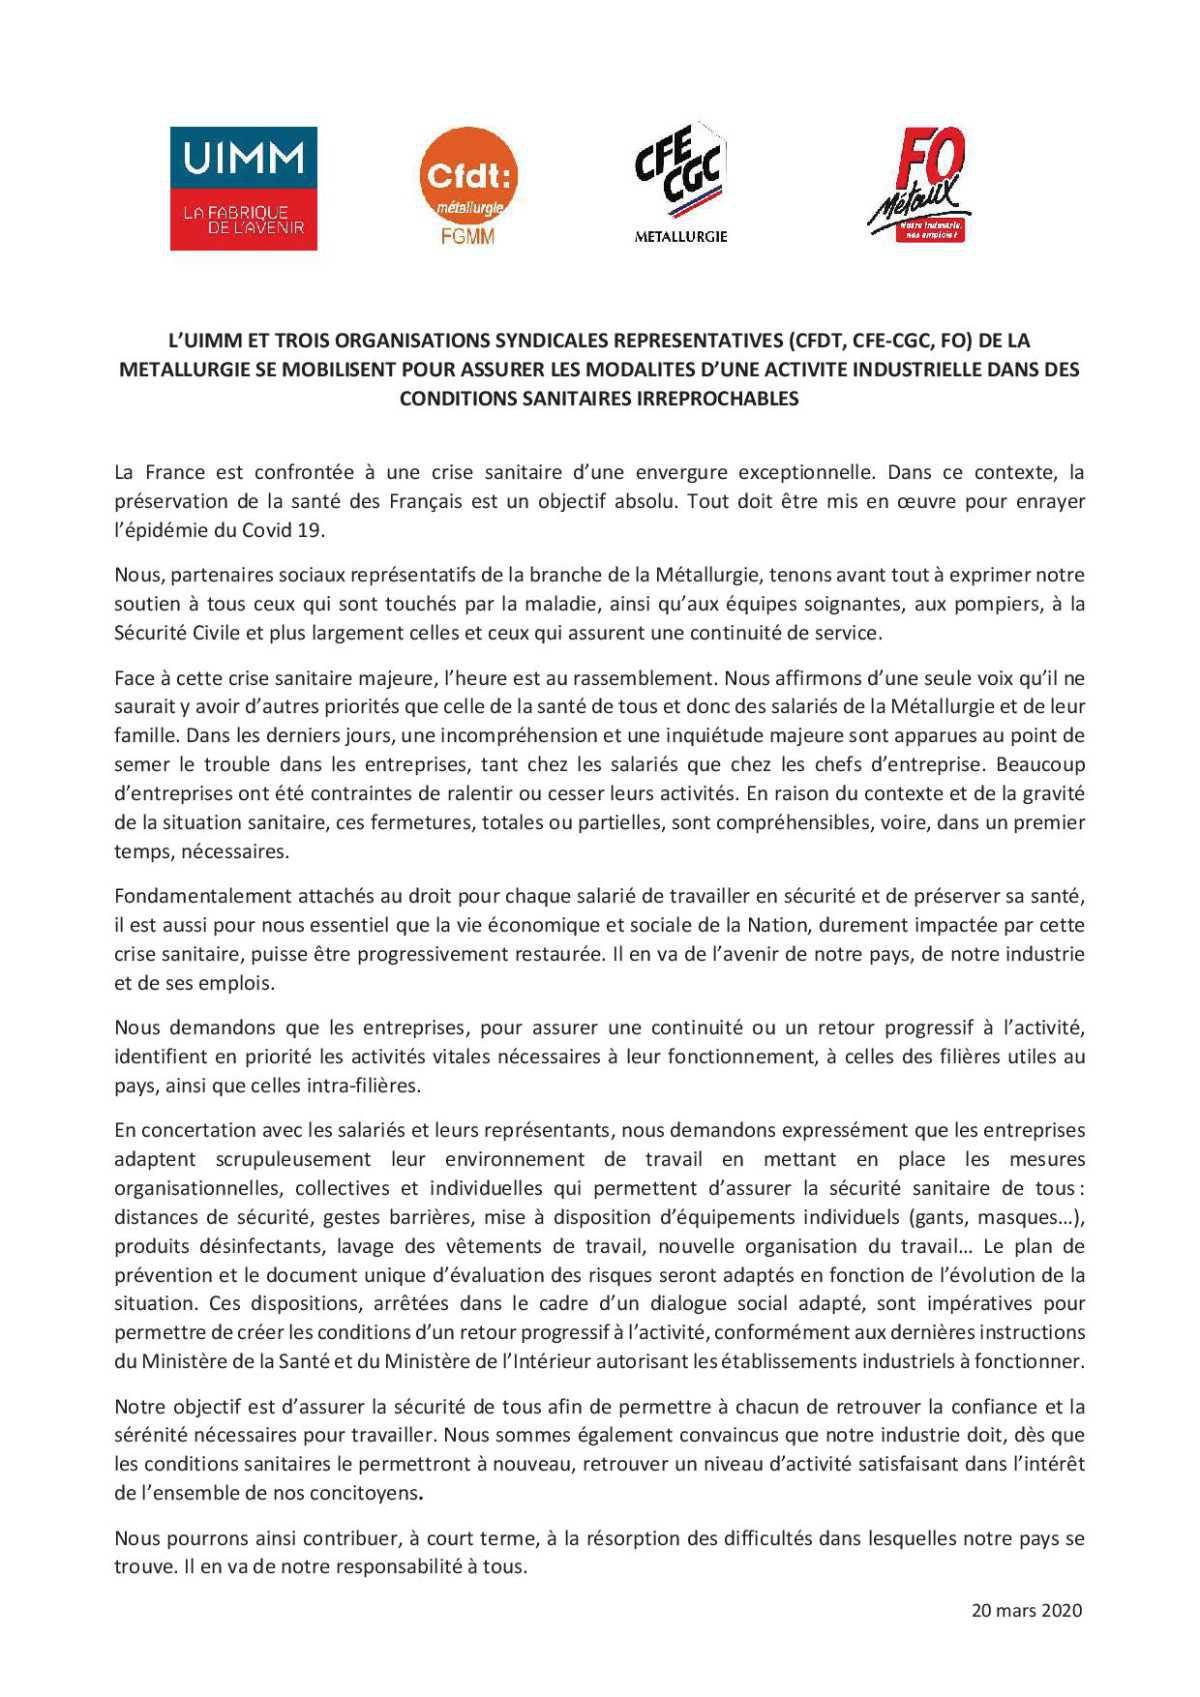 DECLARATION DE L'UIMM ET DES TROIS ORGANISATIONS SYNDICALES REPRESENTATIVES